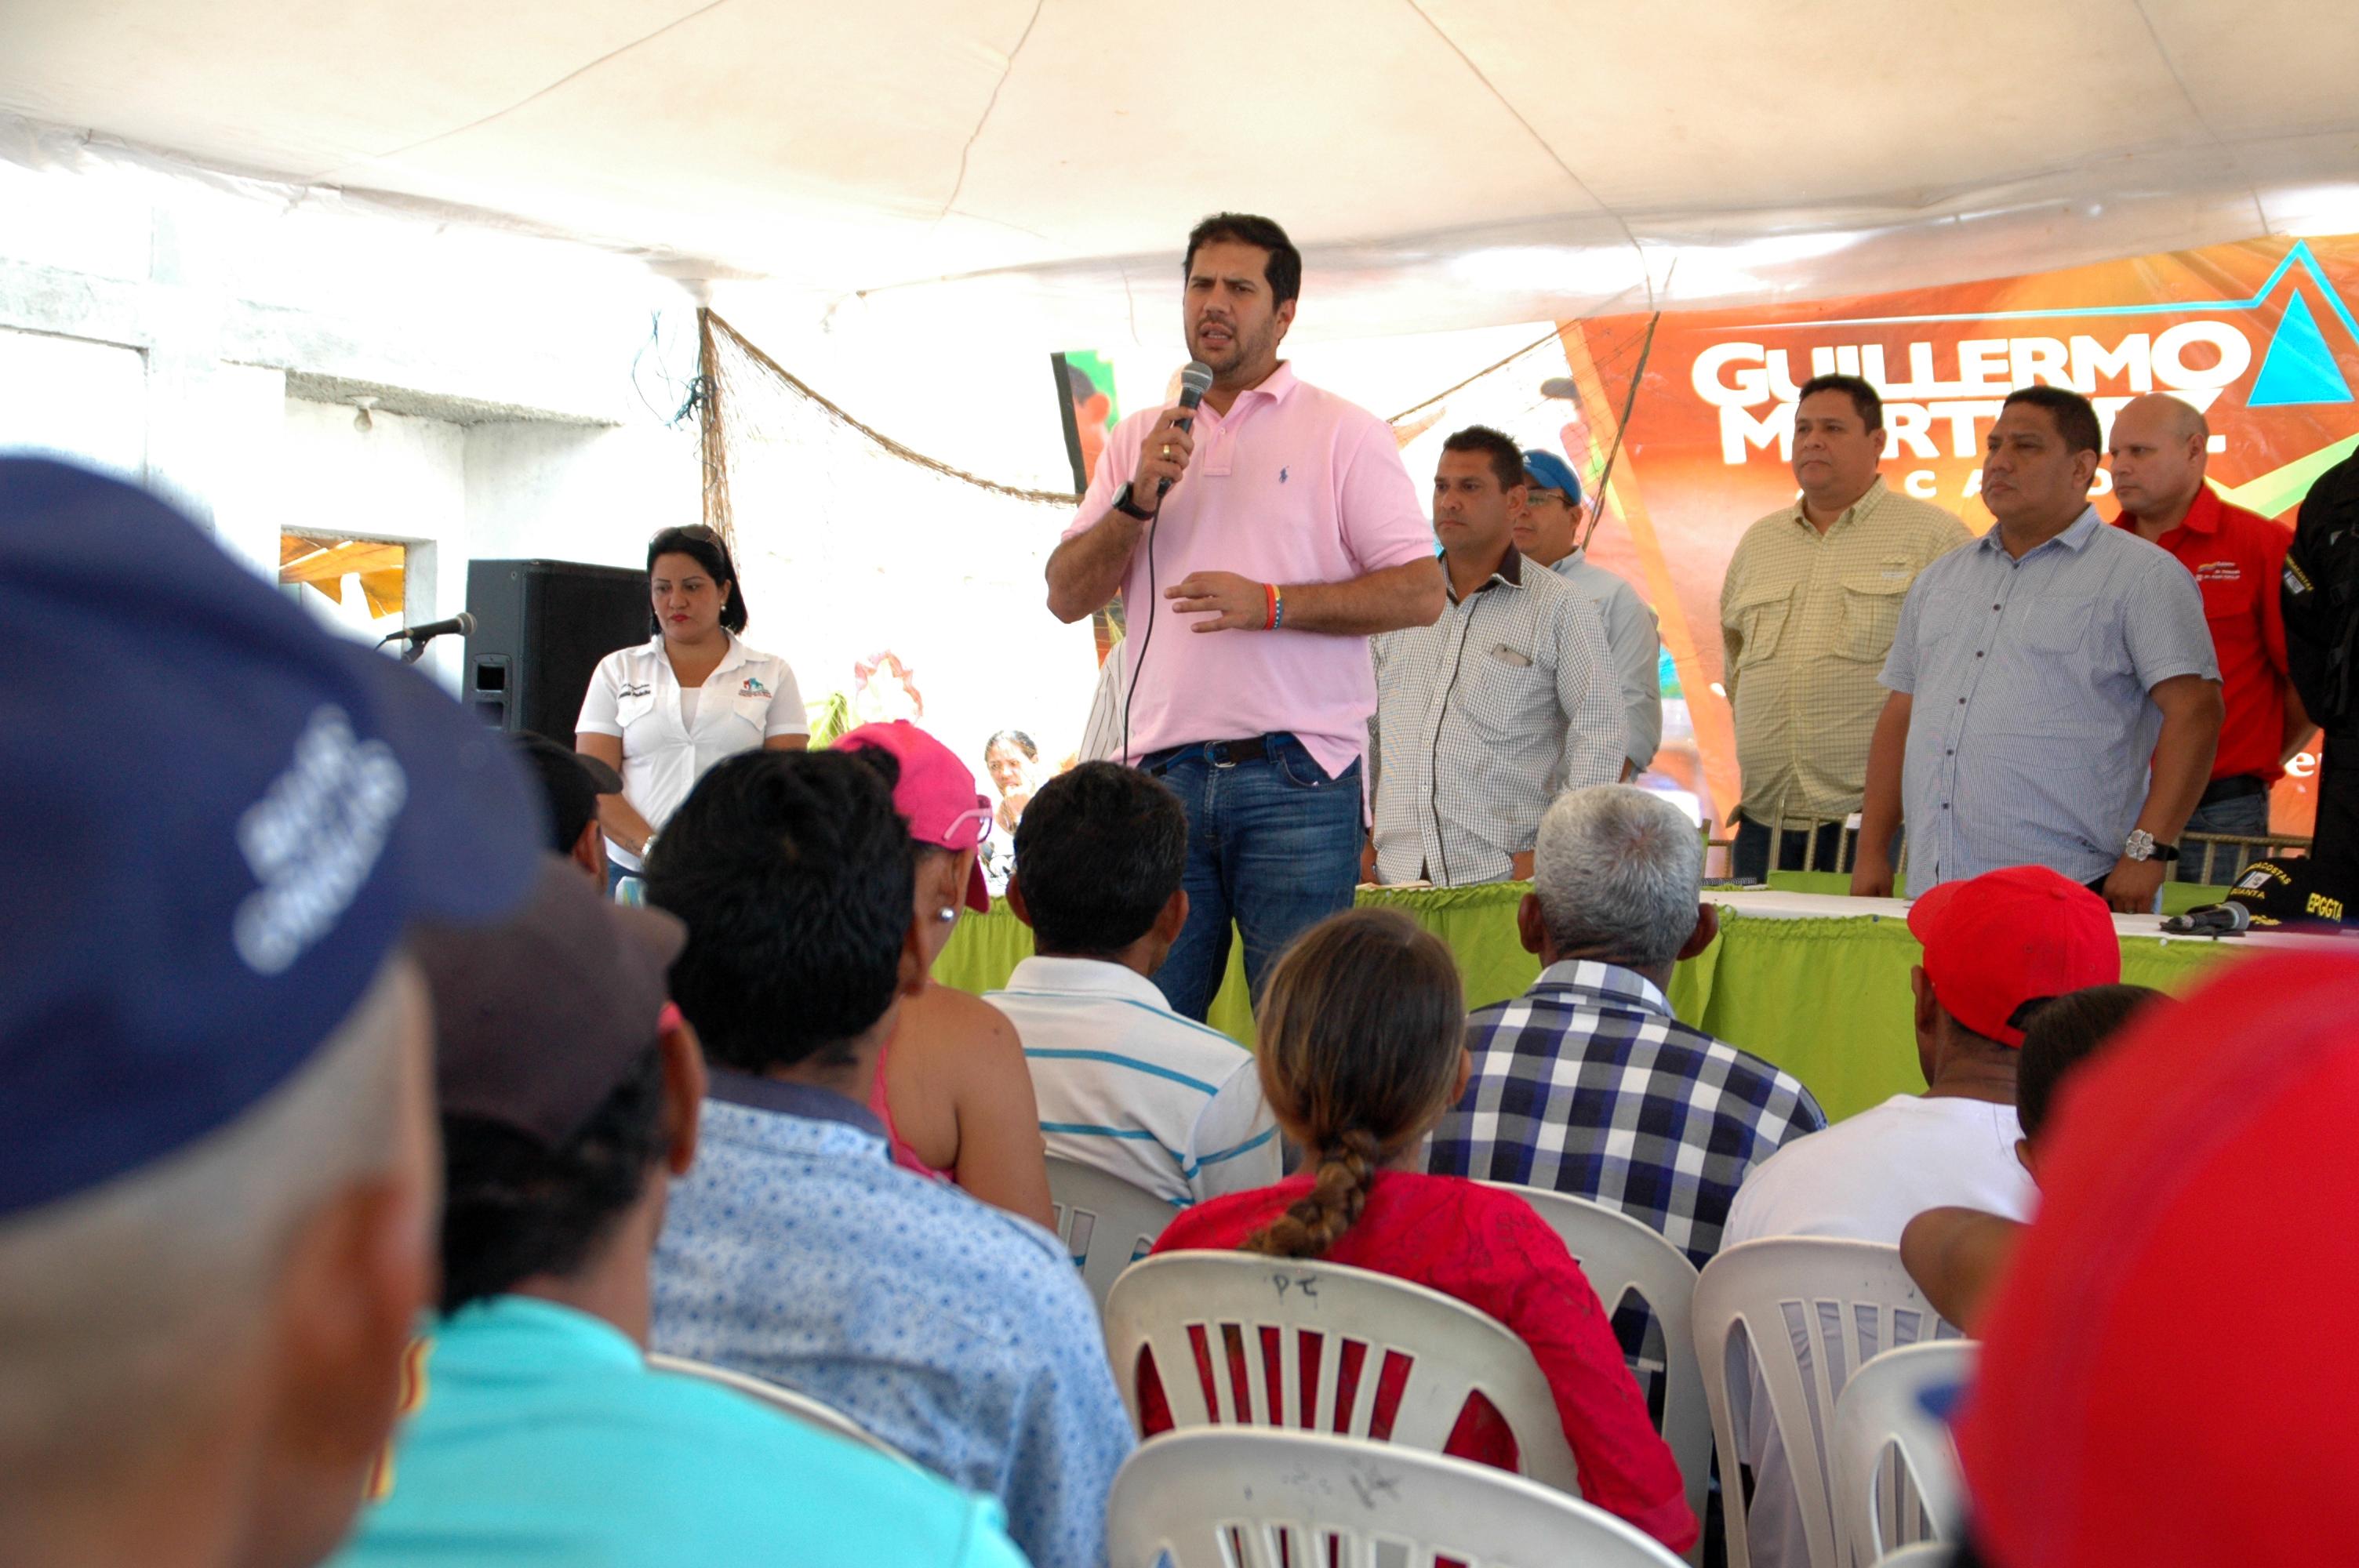 Alcaldía espera repartir más de 100 millones en recursos